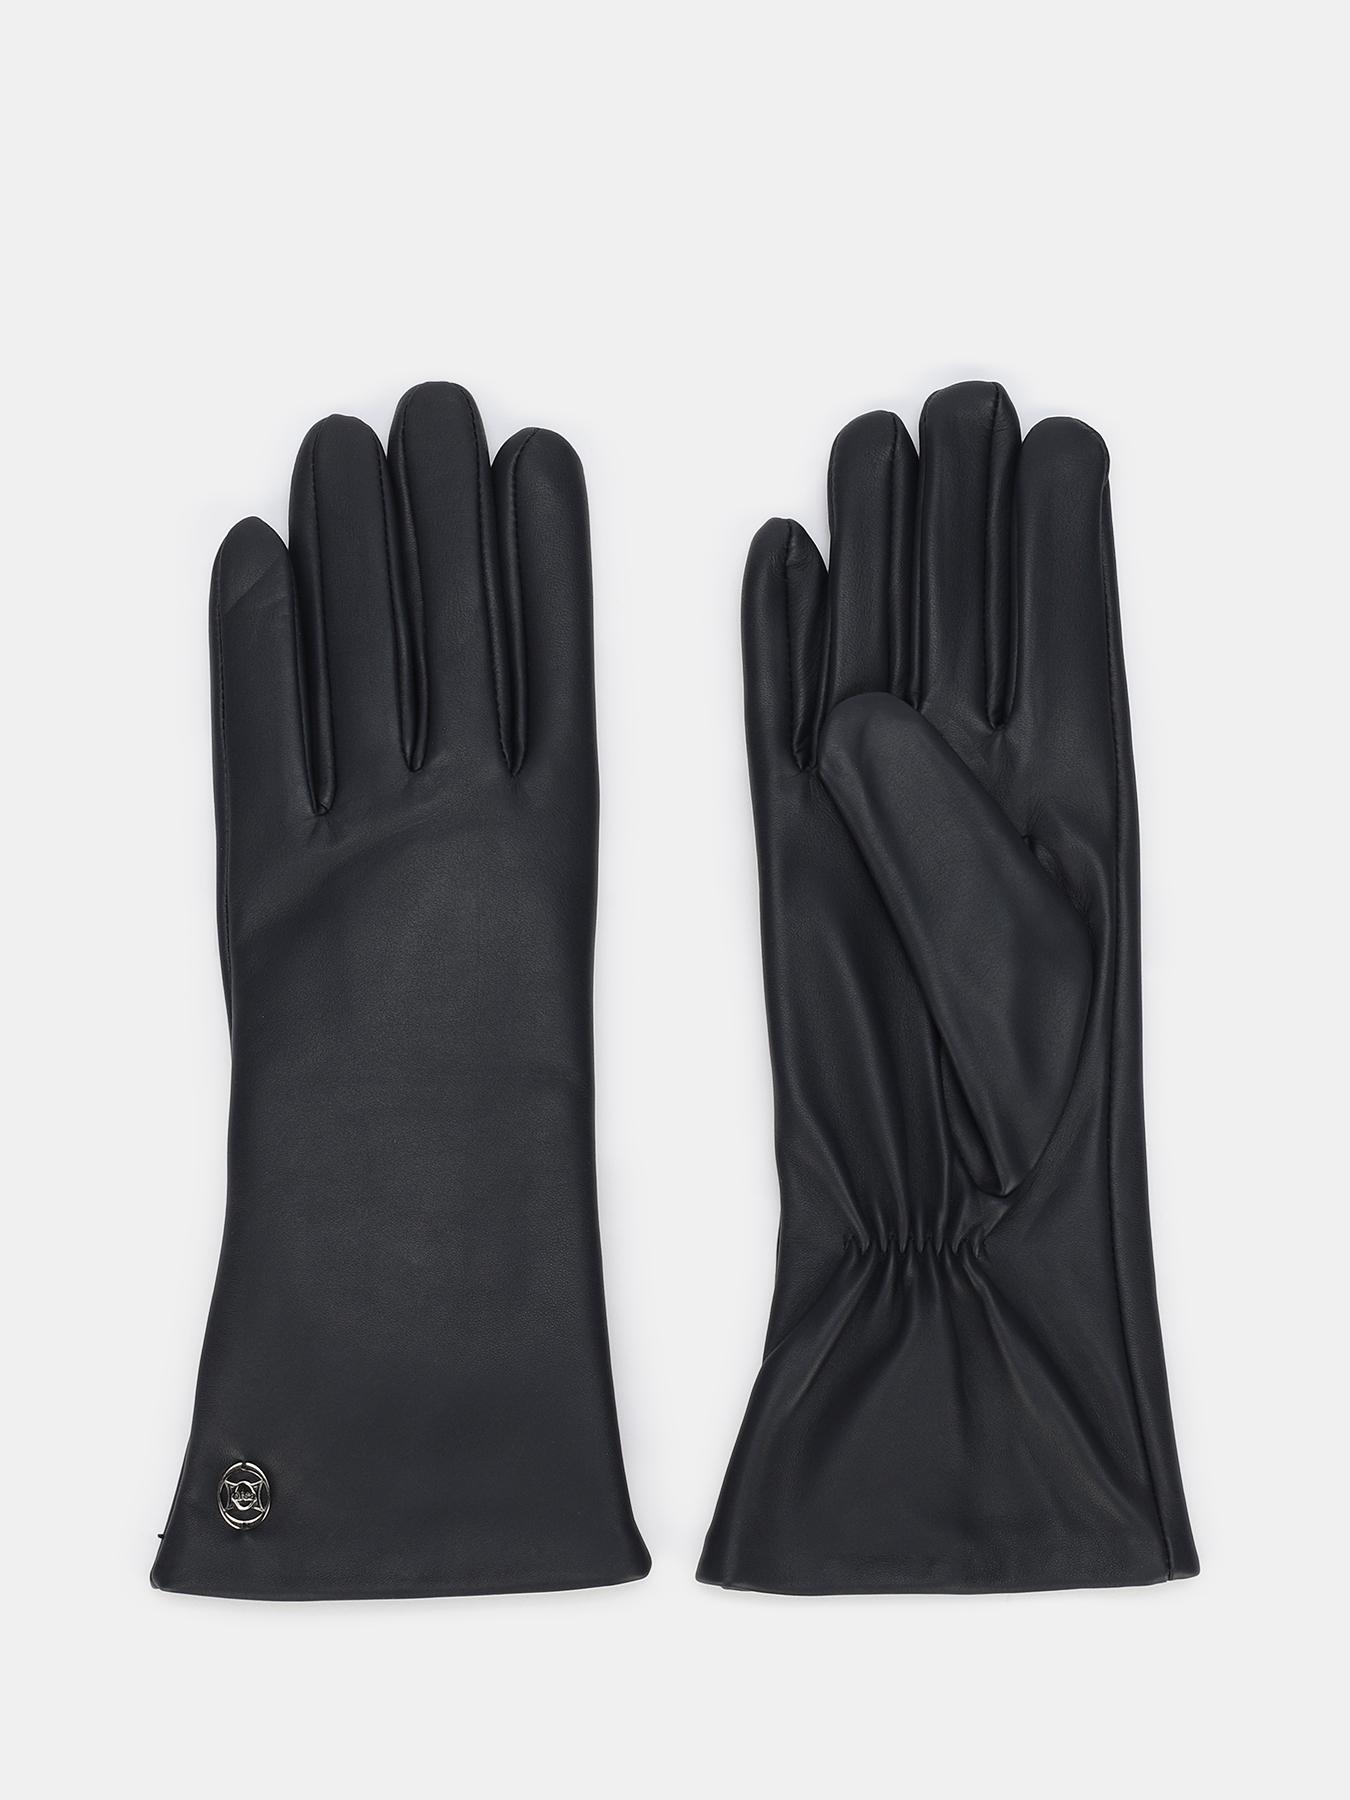 Кожаные перчатки ORSA Перчатки фото